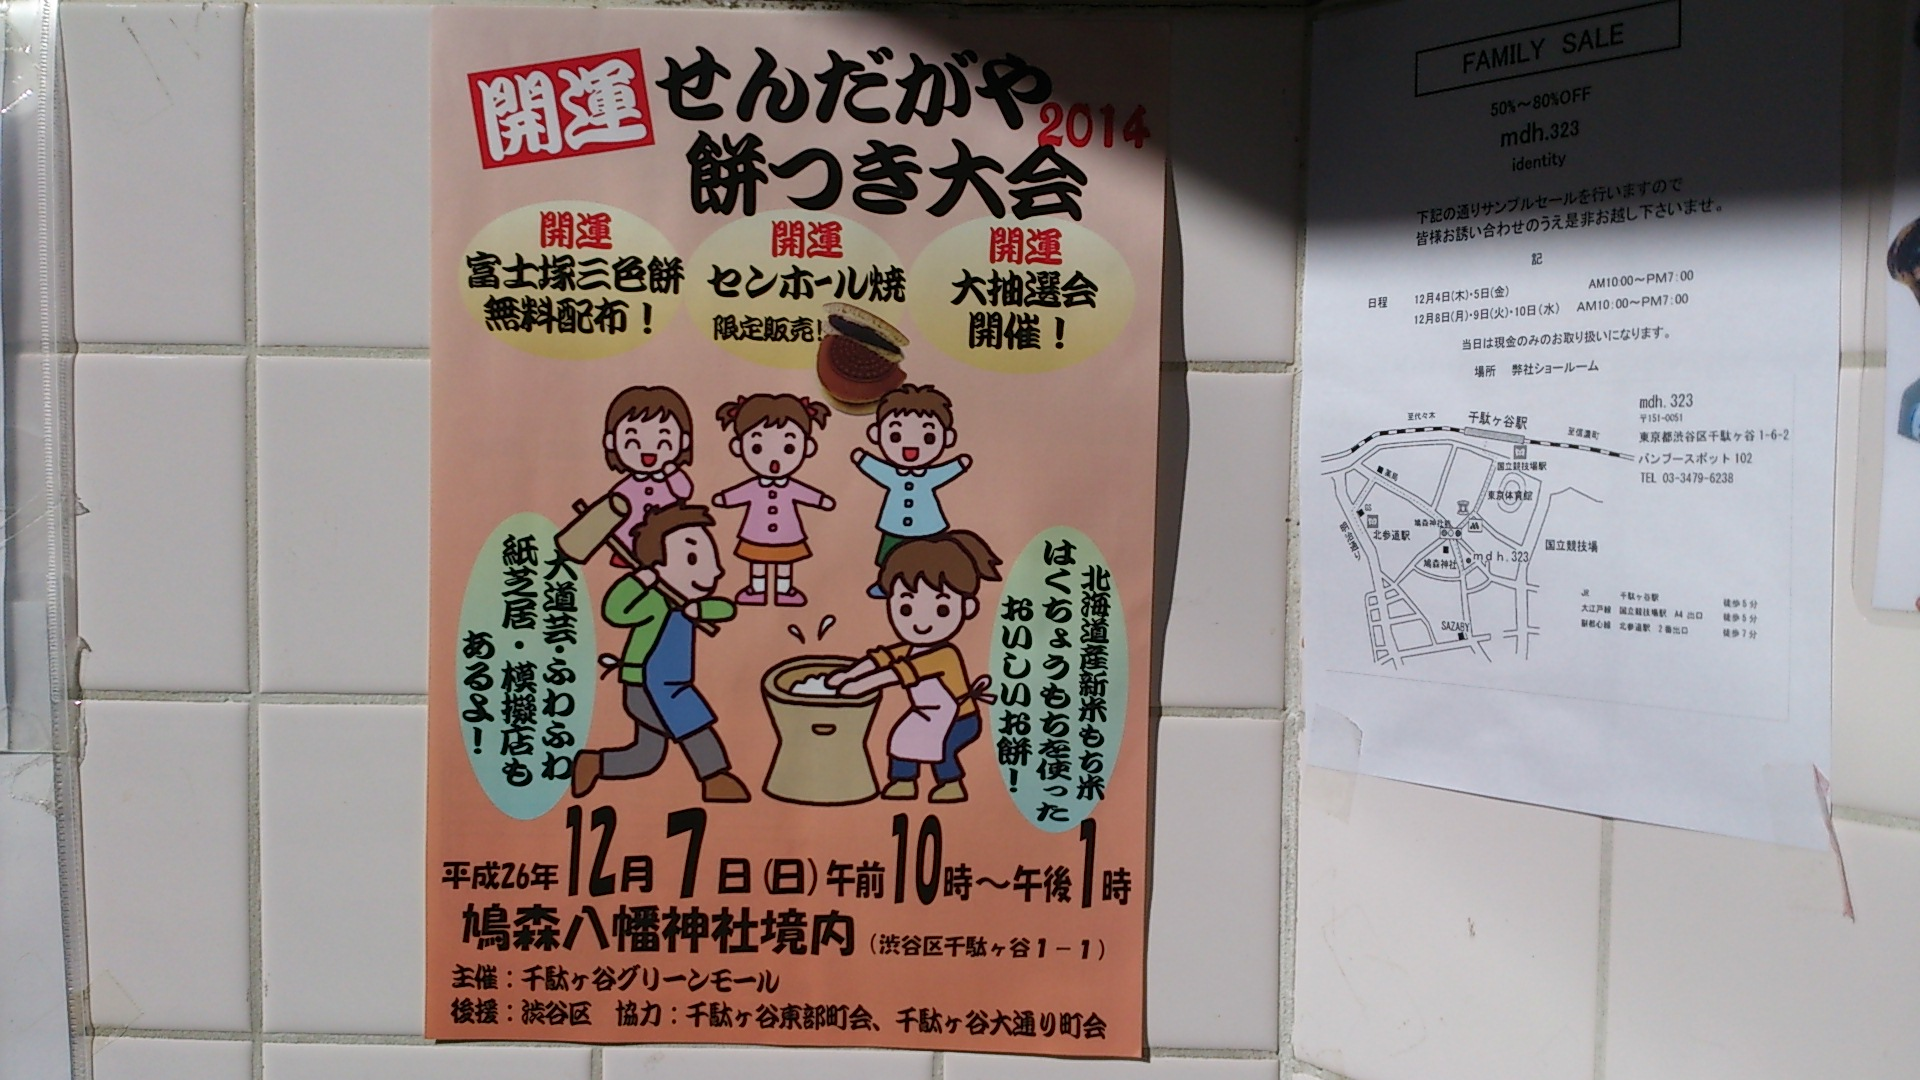 『鳩森さんで餅つき大会あるよ!』_a0075684_122799.jpg